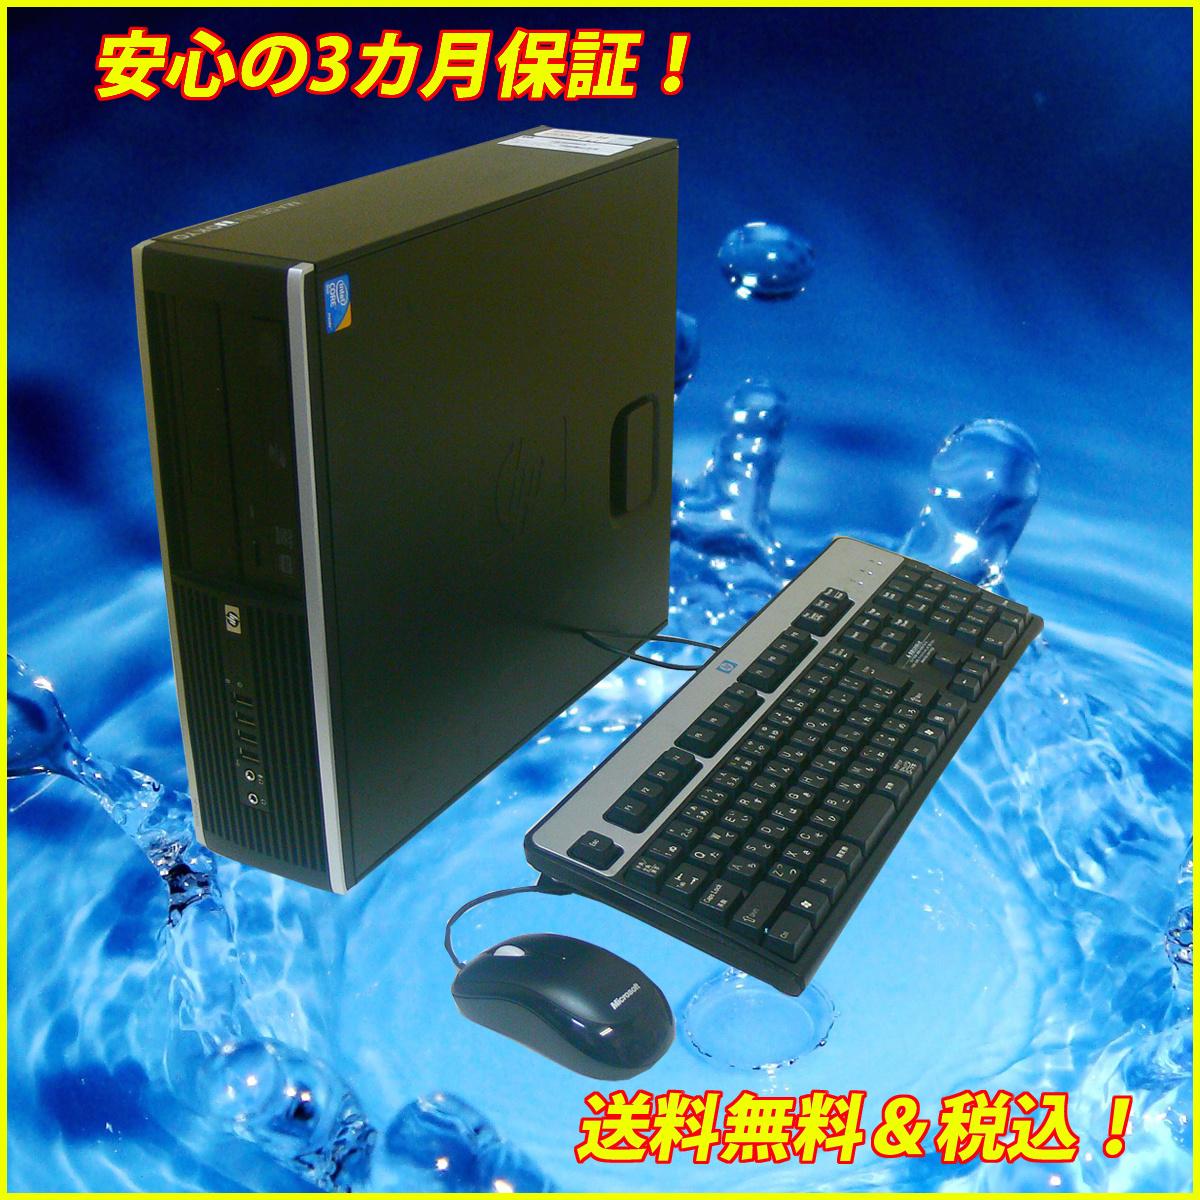 【クリックで詳細表示】中古パソコン Windows7搭載! HP Compaq 6300Pro SFF Core i5 3470/8GB/1000GBDVDスーパーマルチ Windows7-Pro 64Bit&KingSoft Office 2013インストール済み【中古】